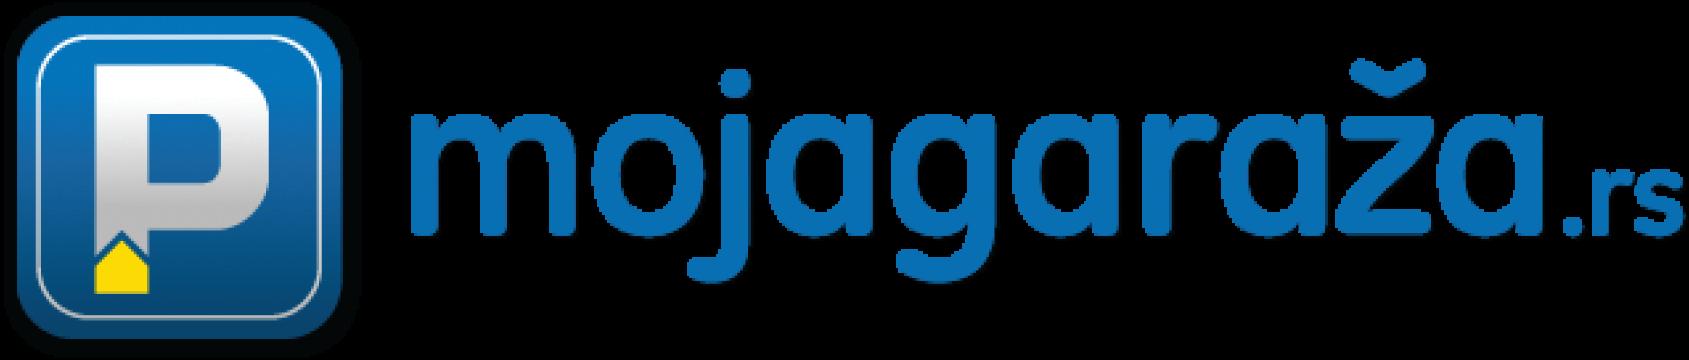 MojaGaraža.rs-logo